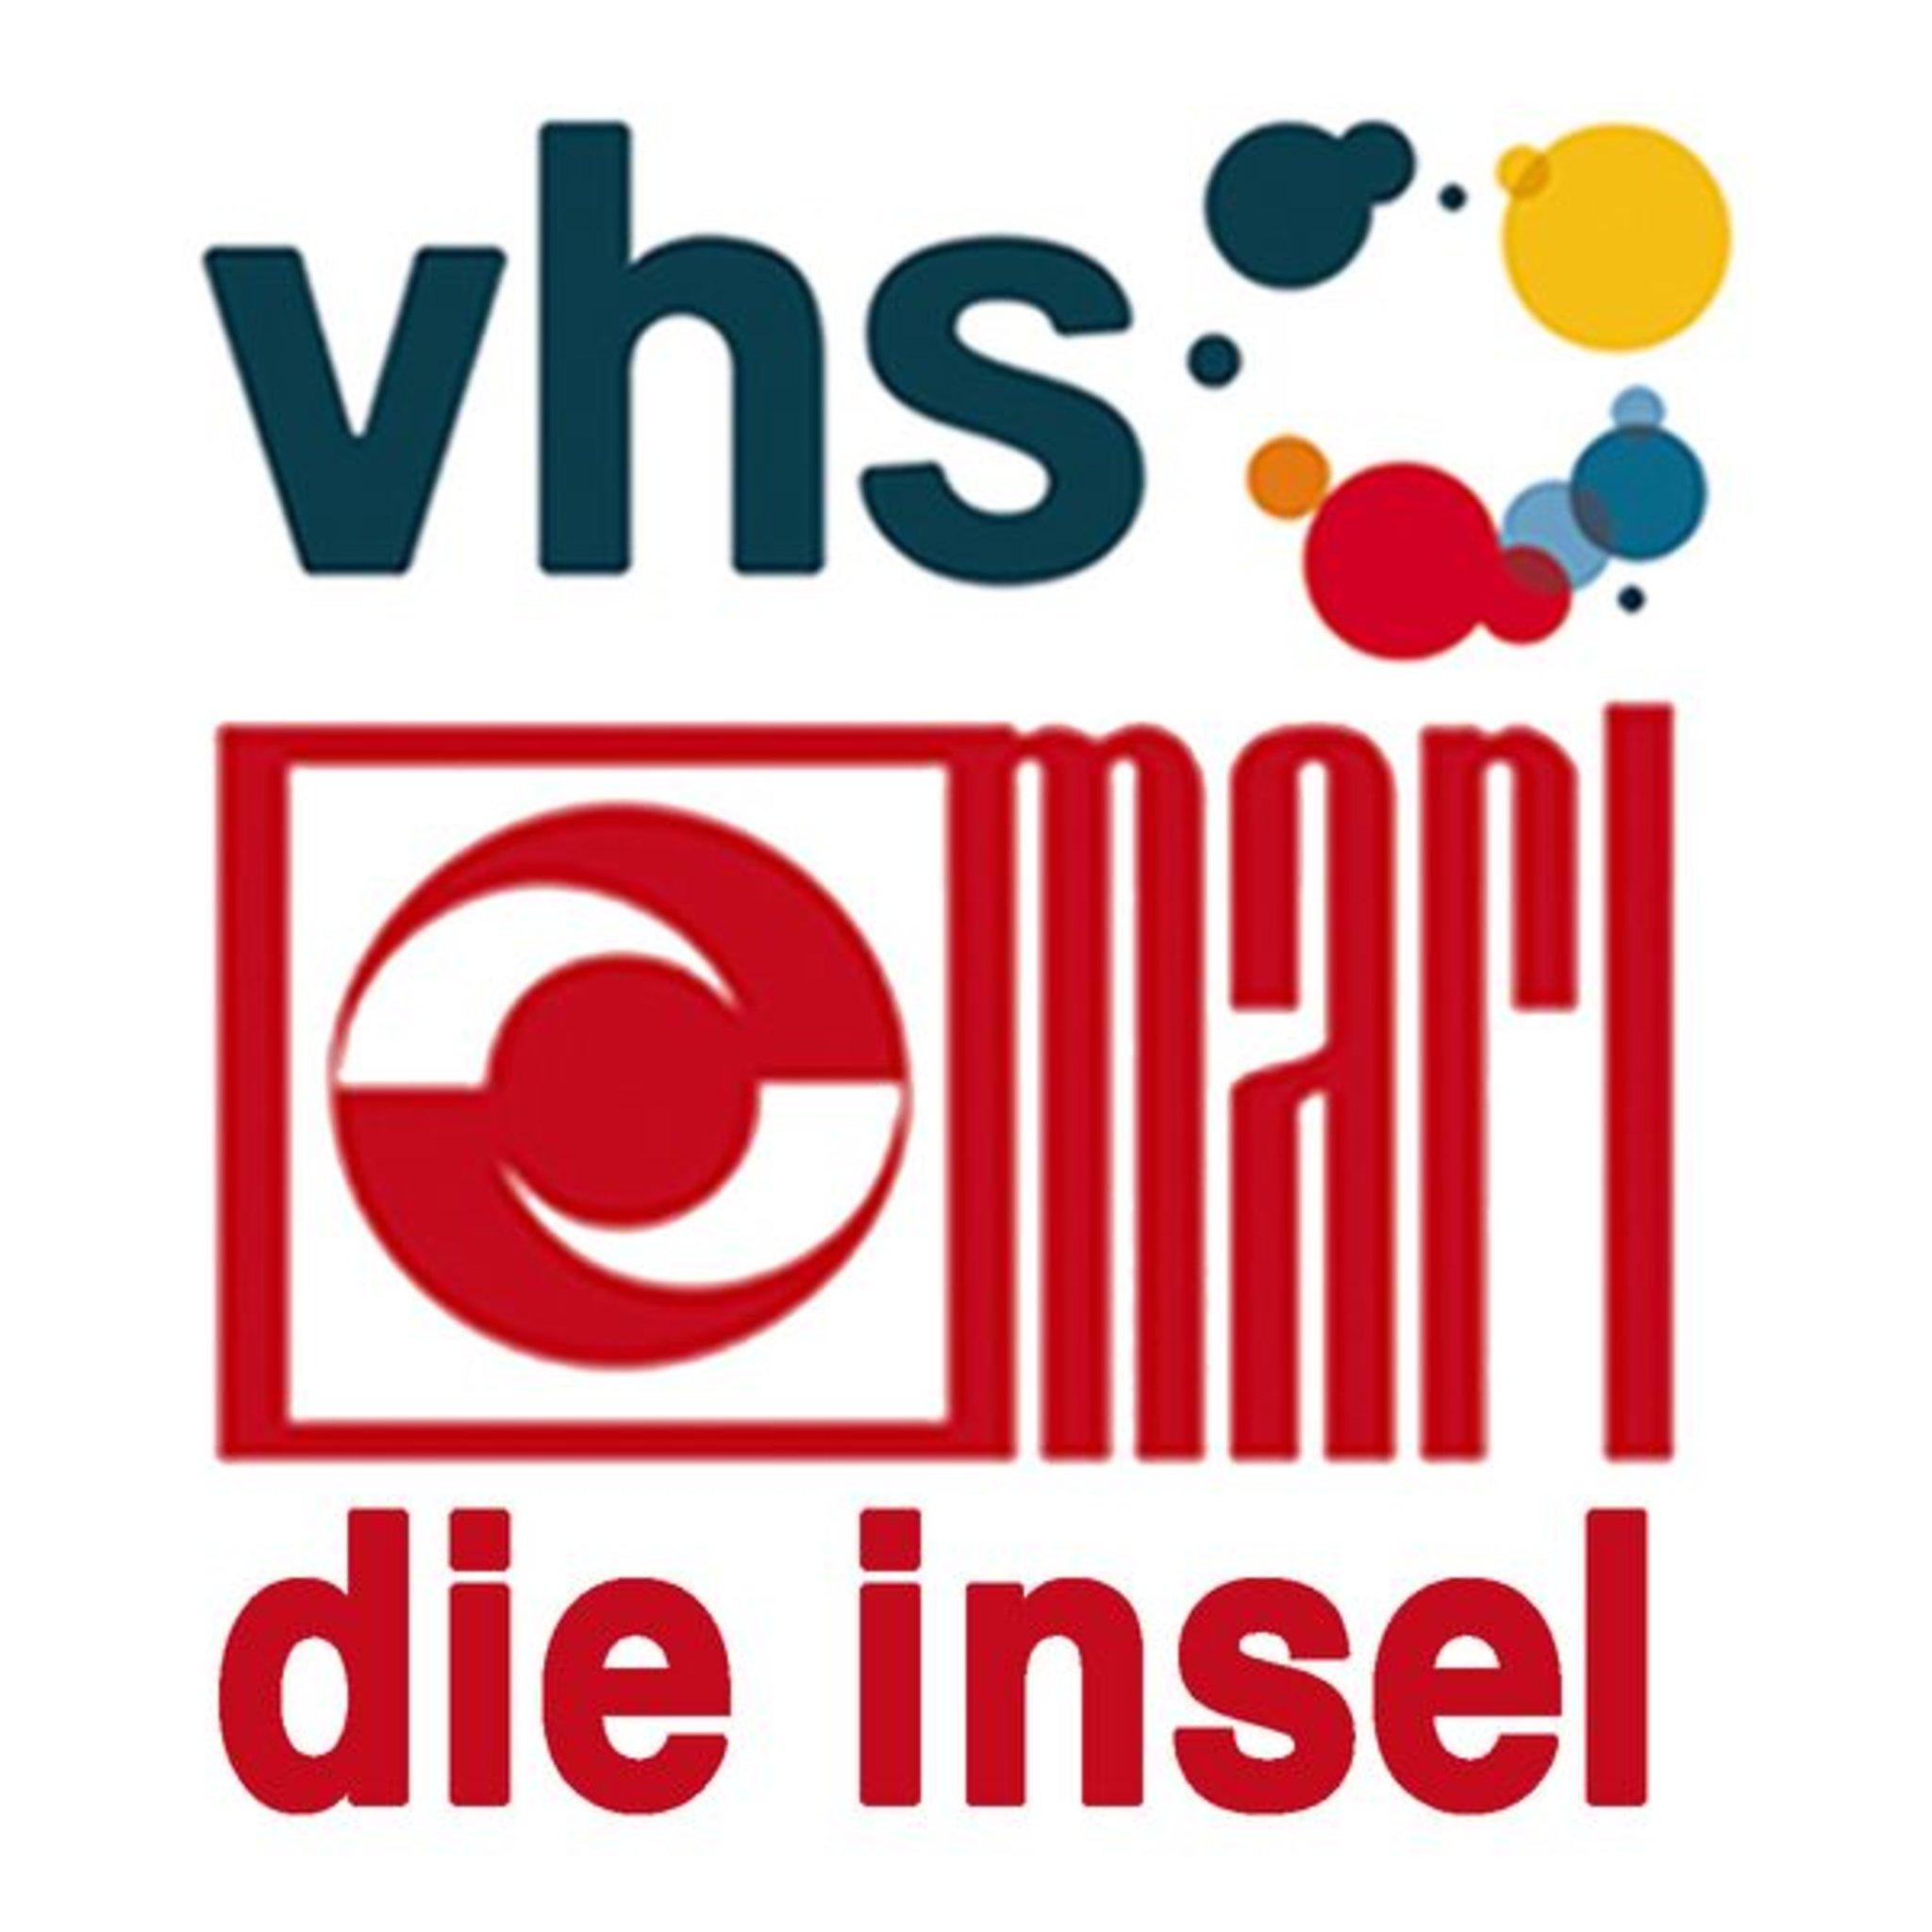 Geschichtswerkstatt der VHS Marl sucht alte Kriegsdokumente - Marl - Lokalkompass.de